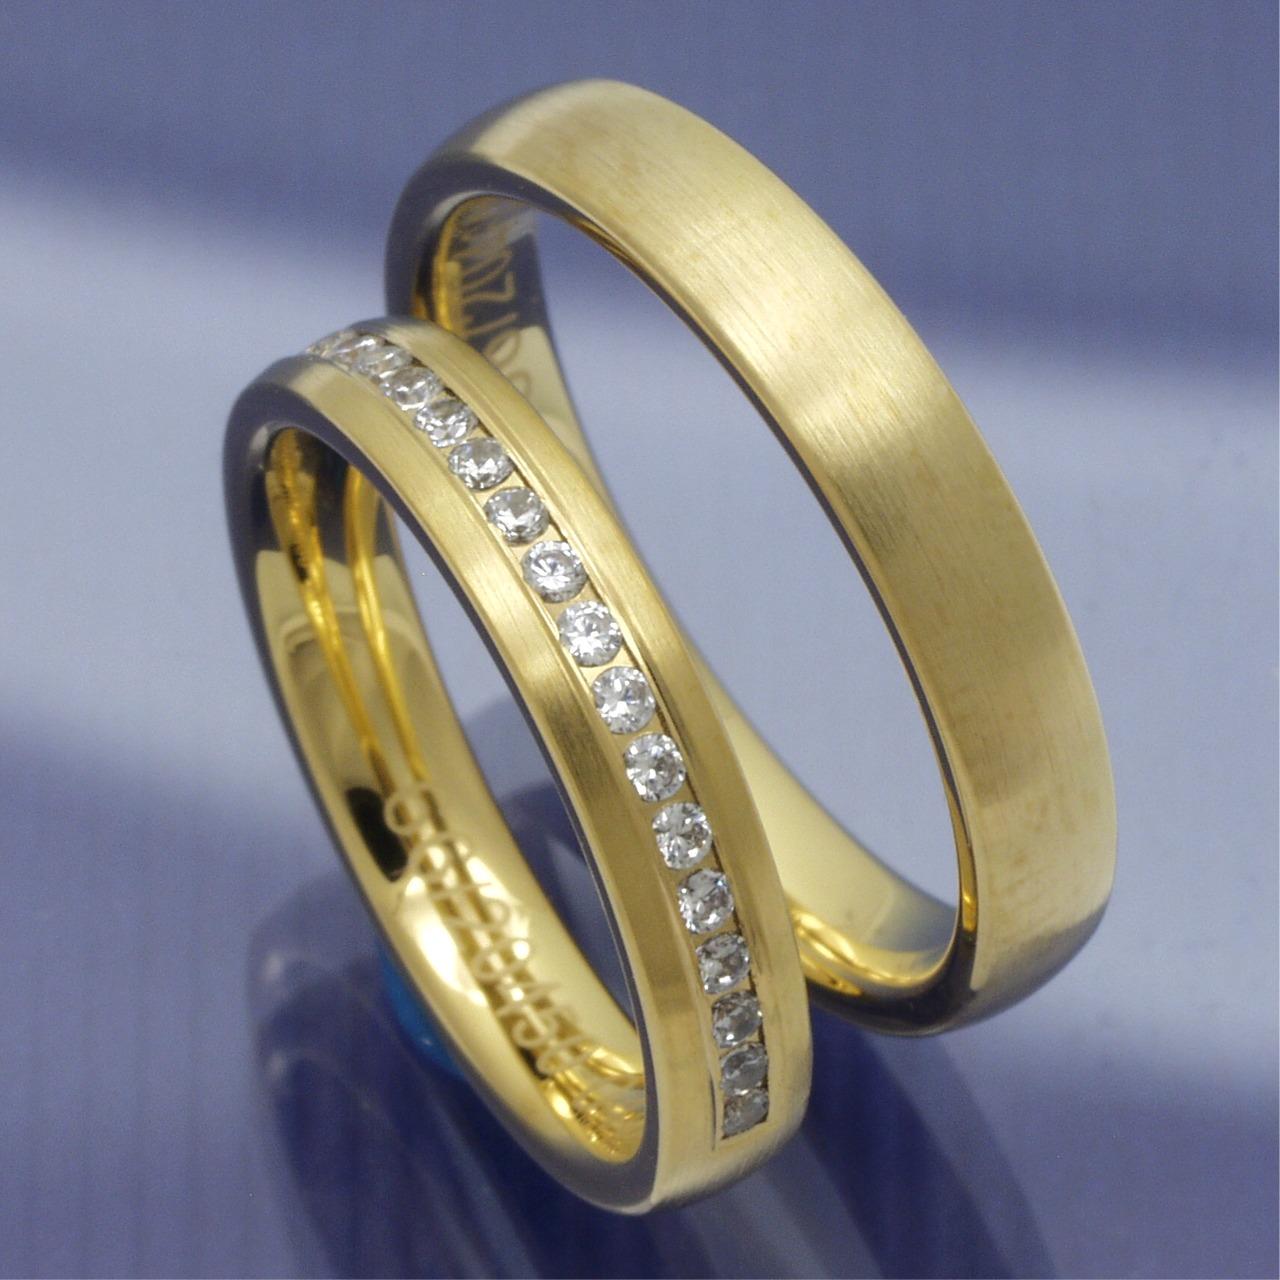 585 Gelbgold Hochzeitsringe Mit 20 Brillanten P1051529